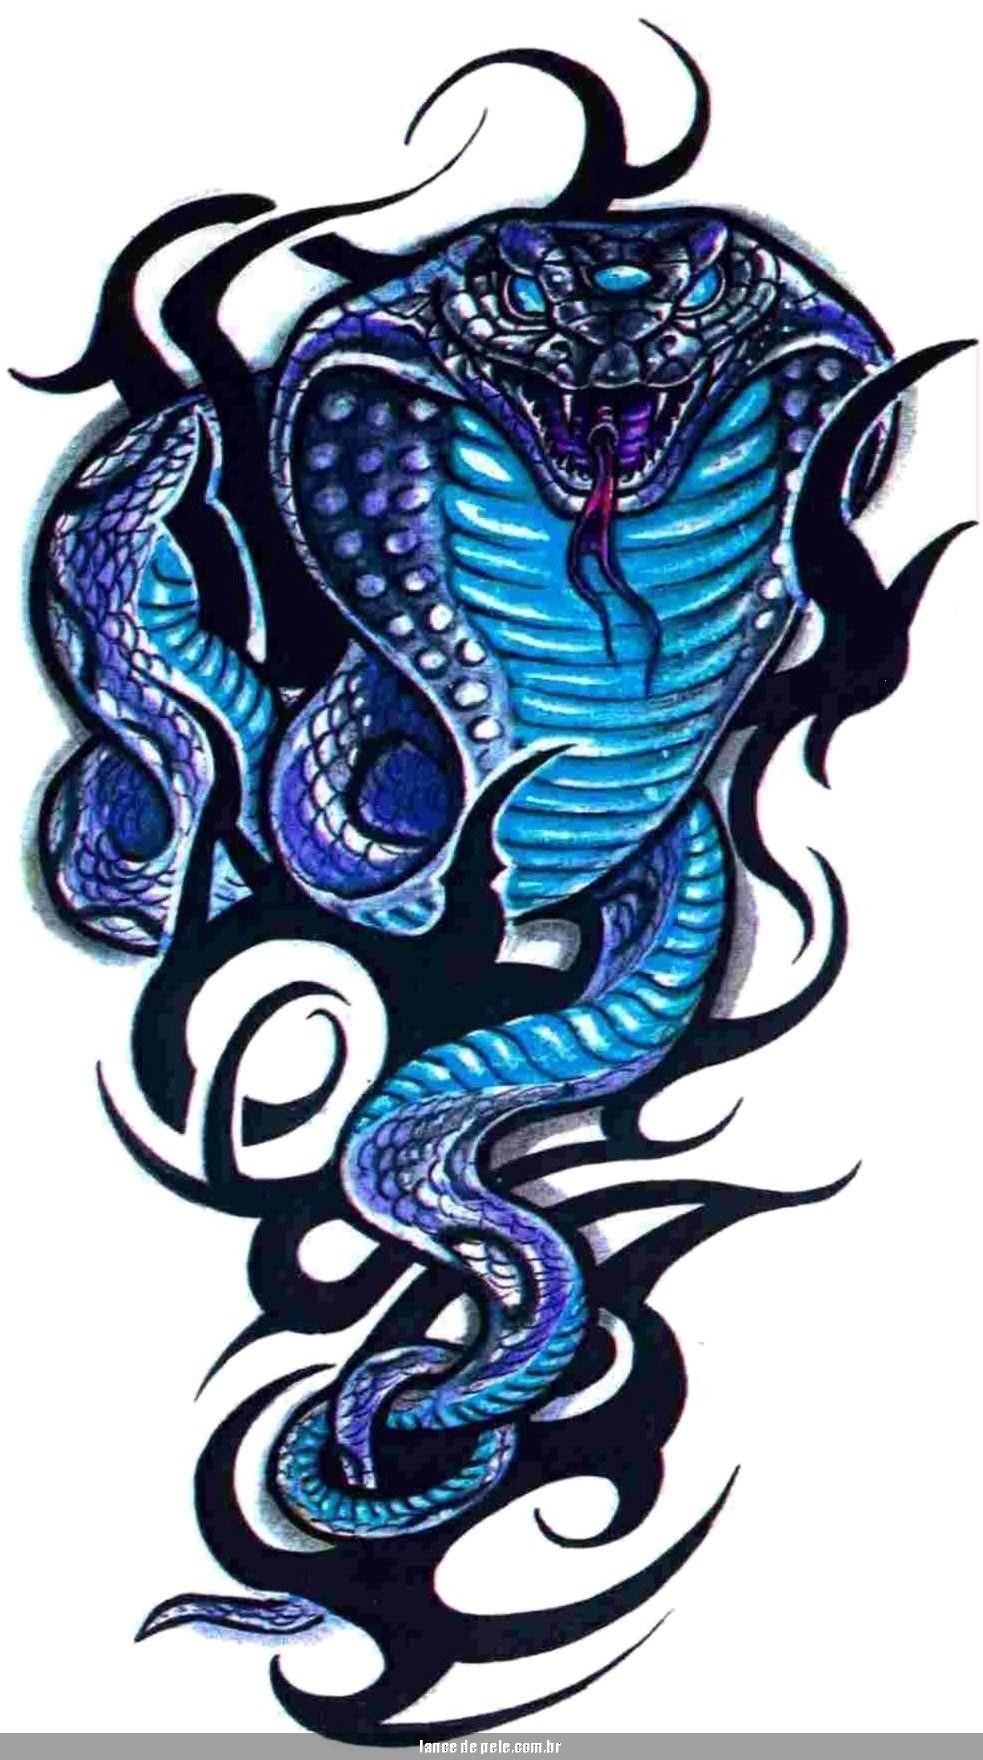 Cobra Snake Tribal Tattoo Page 20 Cobra tattoo, Tattoos